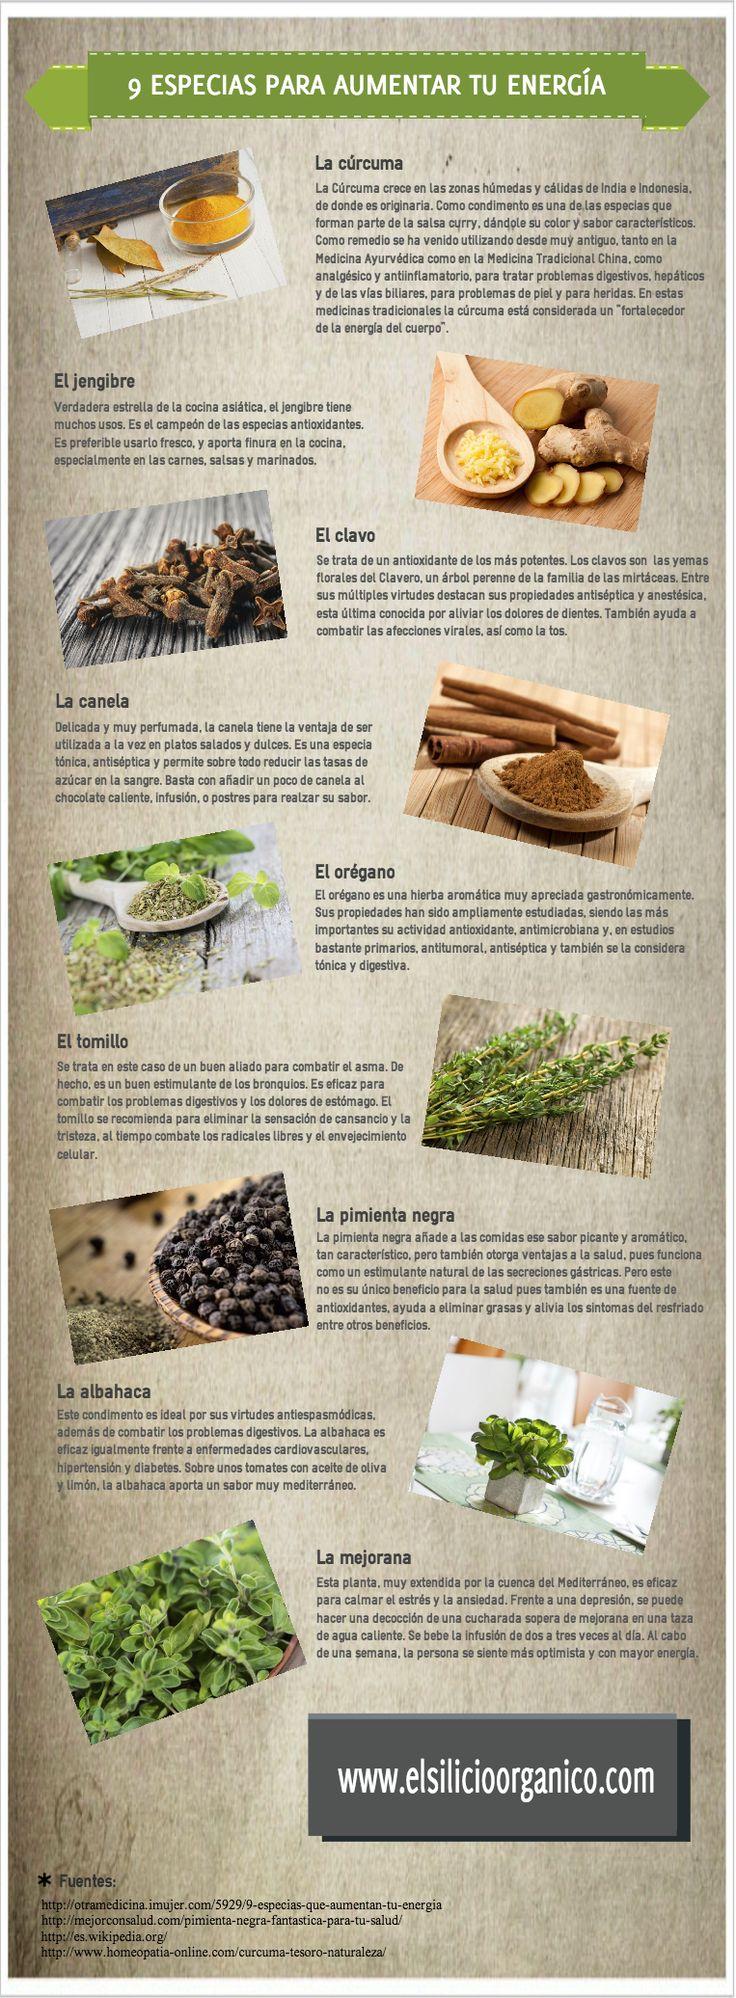 9 especias para tener mas energía. #Infografia #salud #health